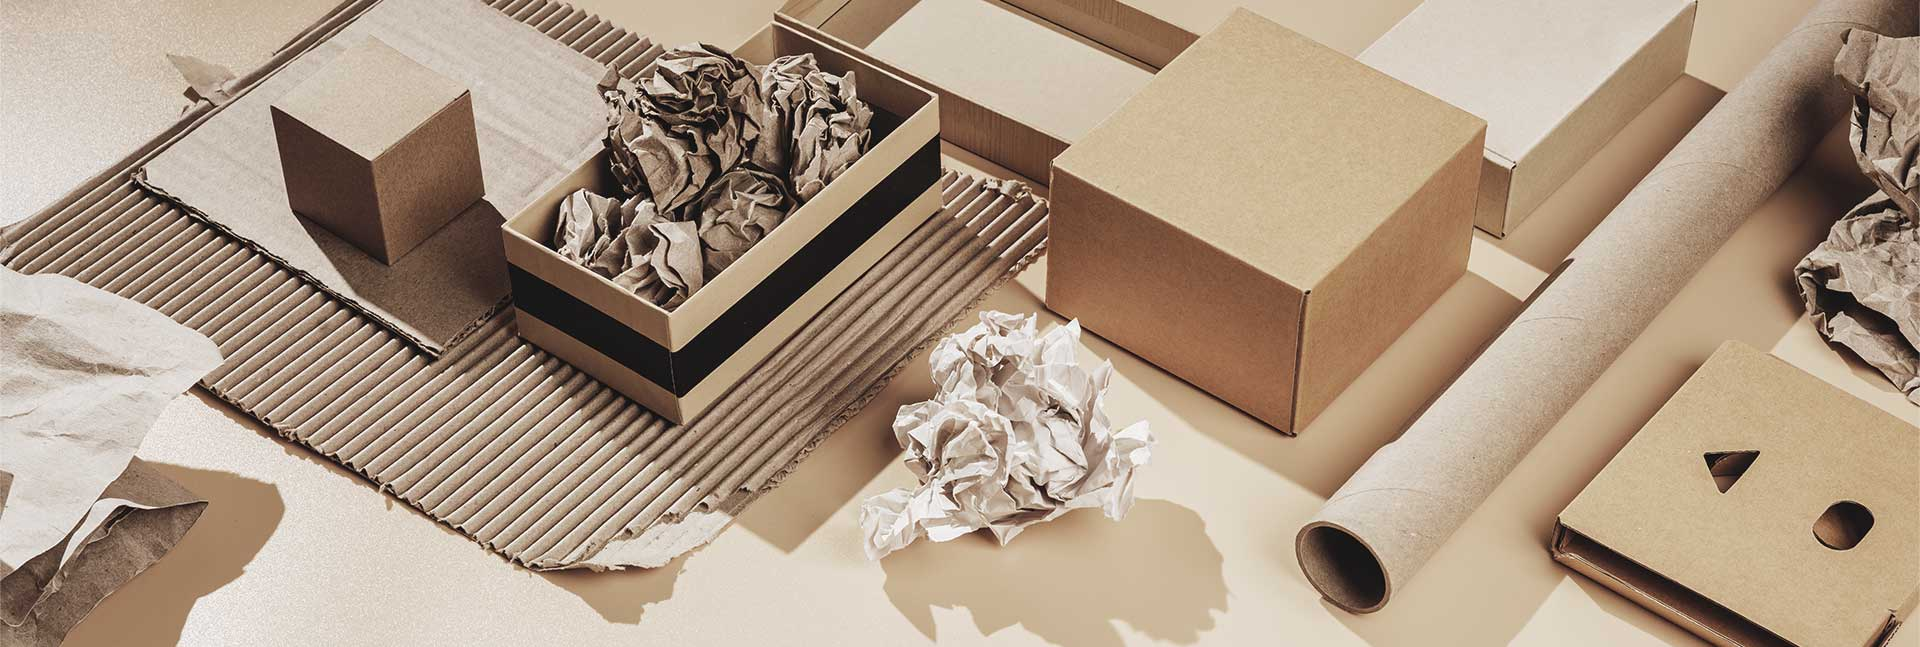 Karbonové krabice